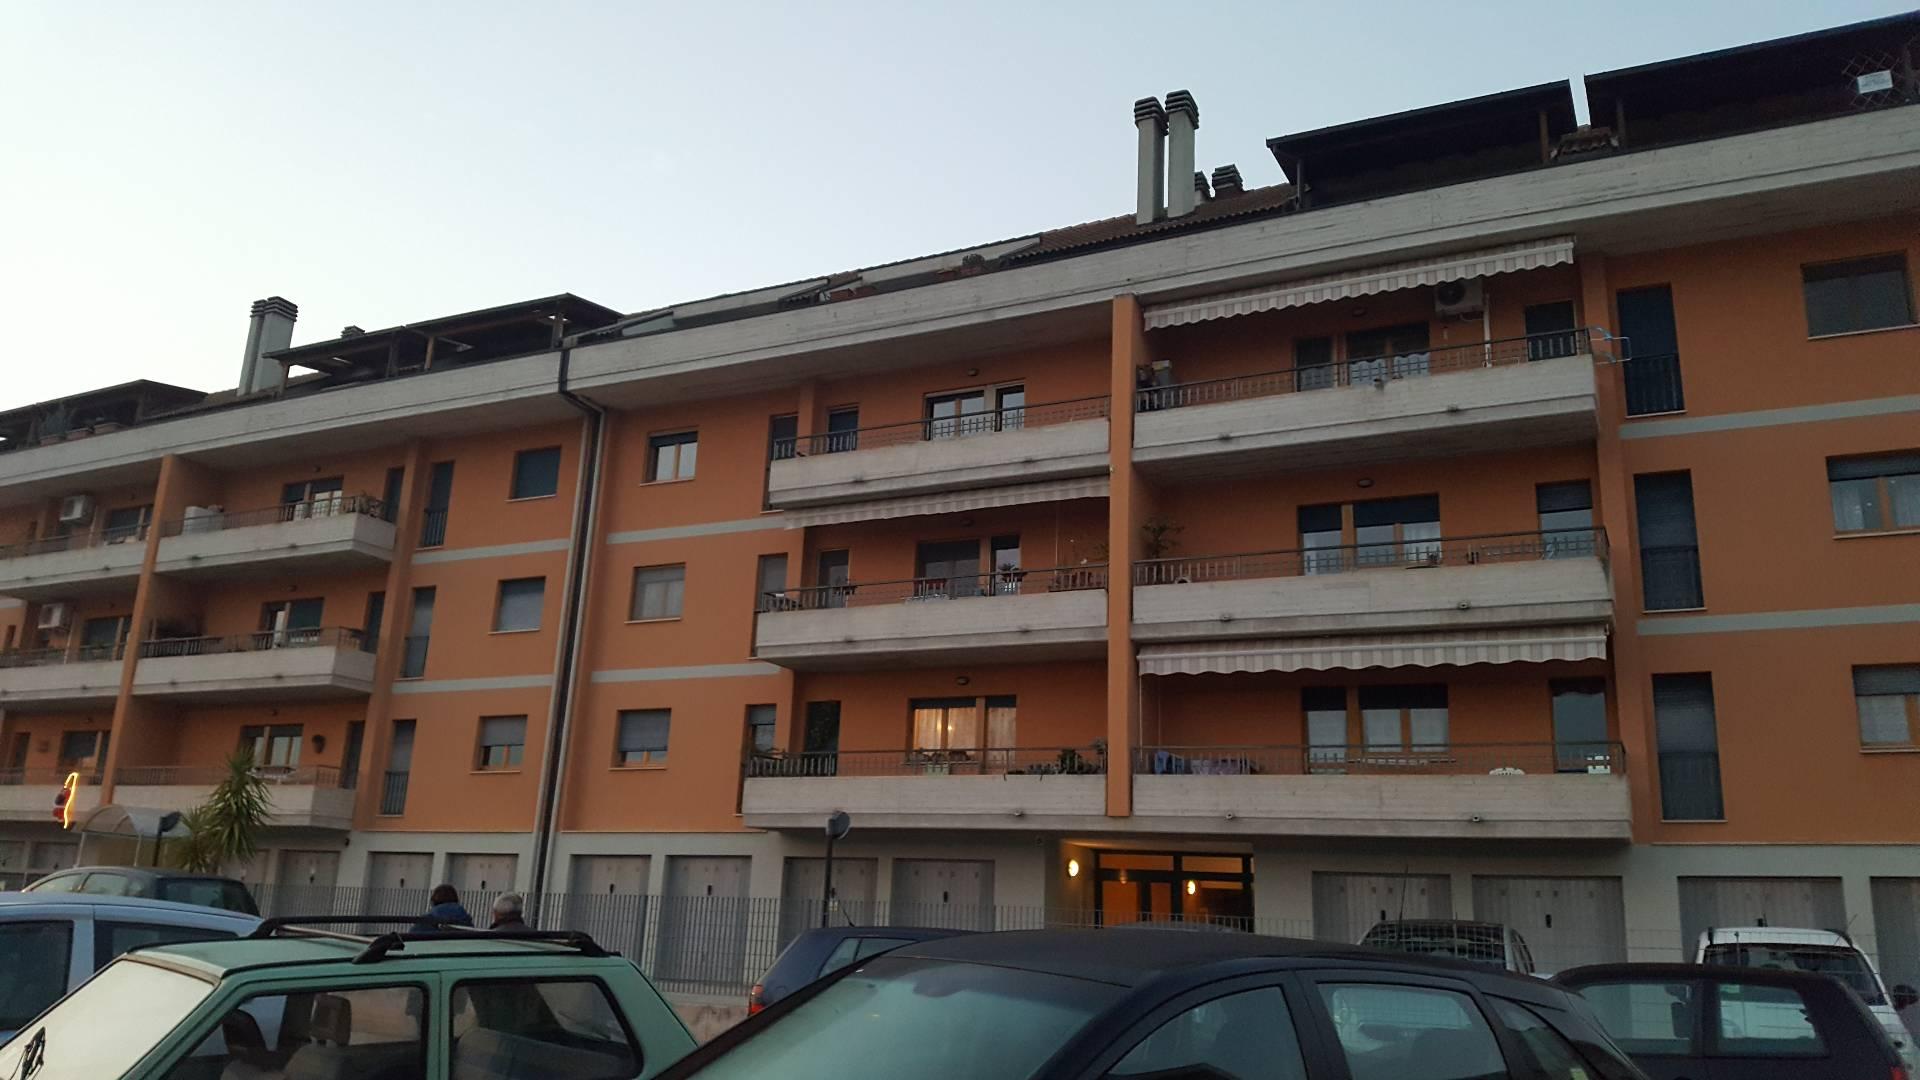 Attico / Mansarda in vendita a Teramo, 5 locali, zona Località: SanNicolòaTordino, prezzo € 113.000 | Cambio Casa.it